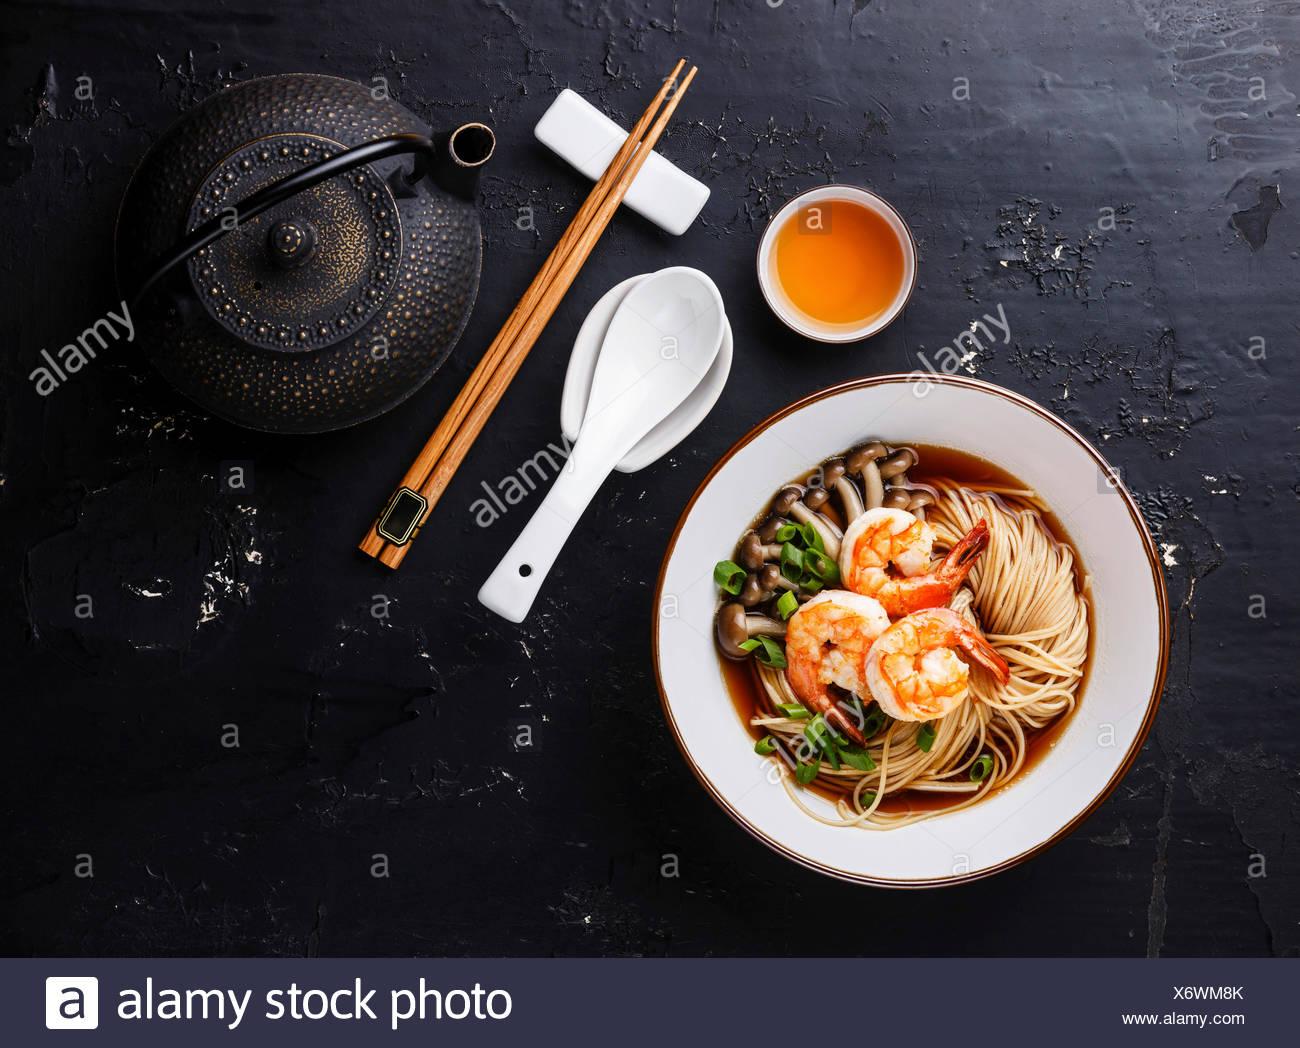 Bouillon asiatique nouilles Ramen avec bol en portion et plateau sur fond sombre Photo Stock